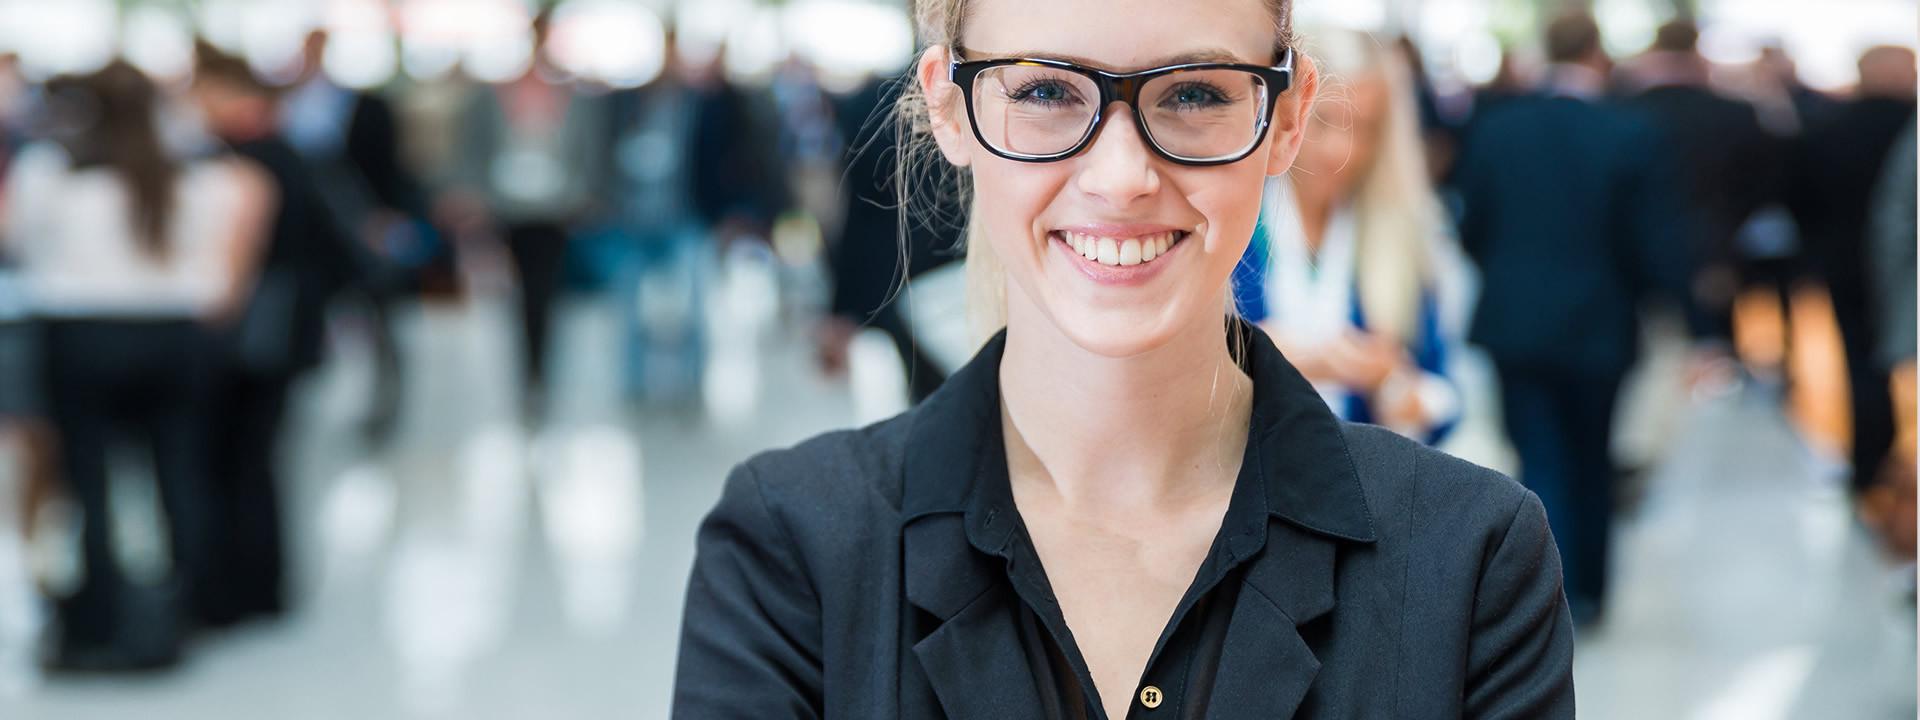 vereinsmanagement vibss vereinsmanagement marketing sponsoring checklisten muster sponsoringvertrag - Sponsoringvertrag Muster